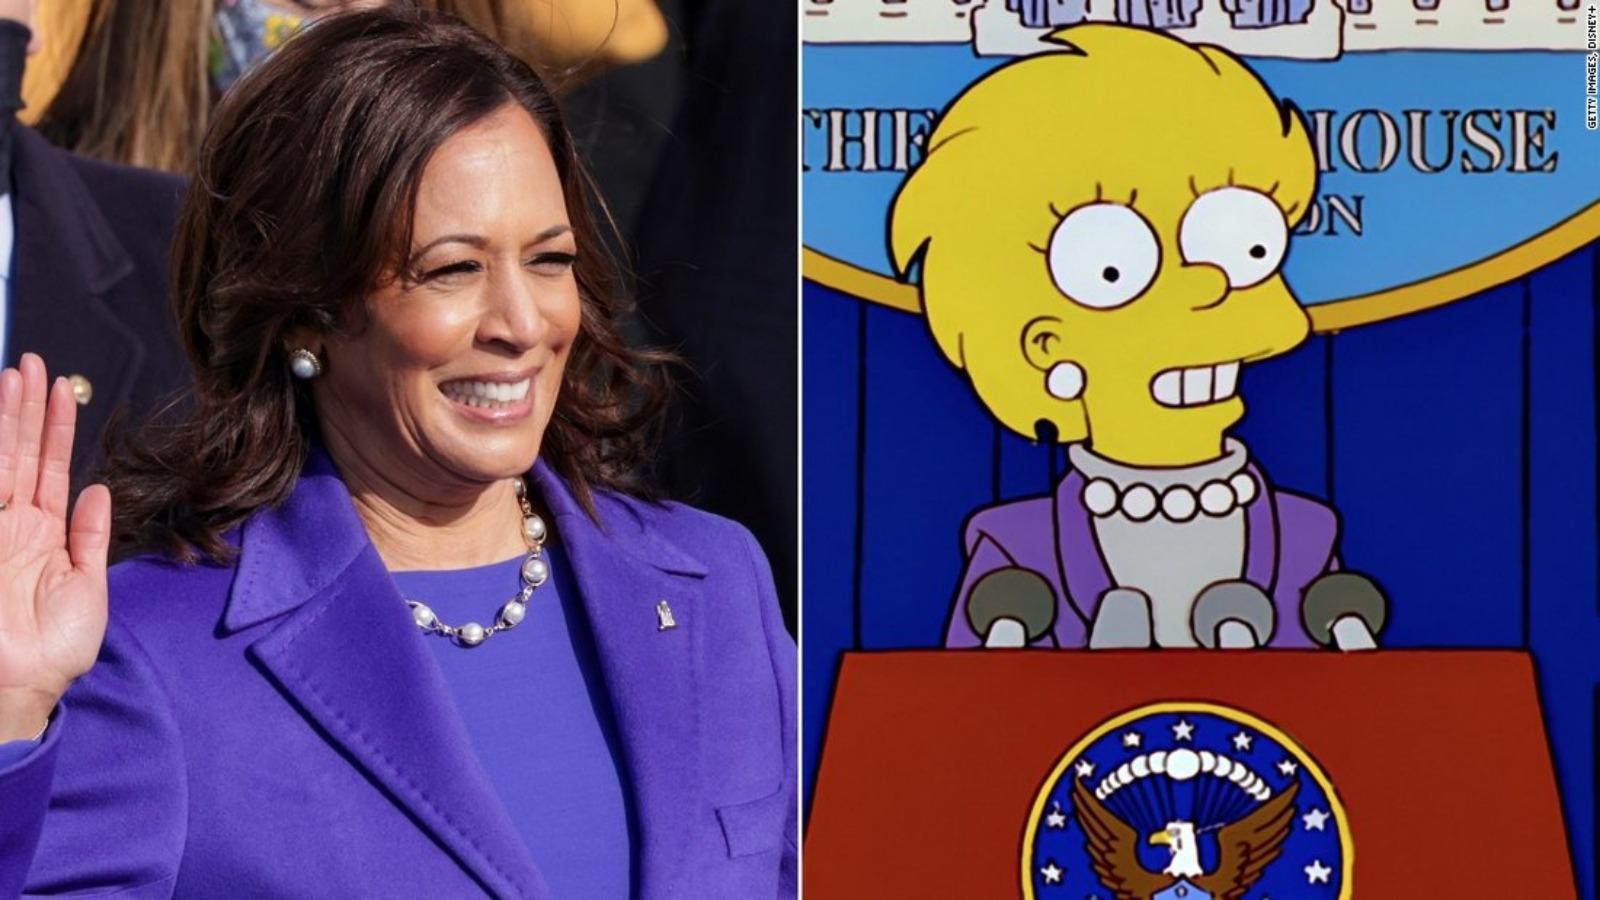 Twitter kullanıcıları The Simpson's dizisinden yeni bir tesadüfü gündeme getirdi: Kamala Harris-Lisa Simpson benzerliği